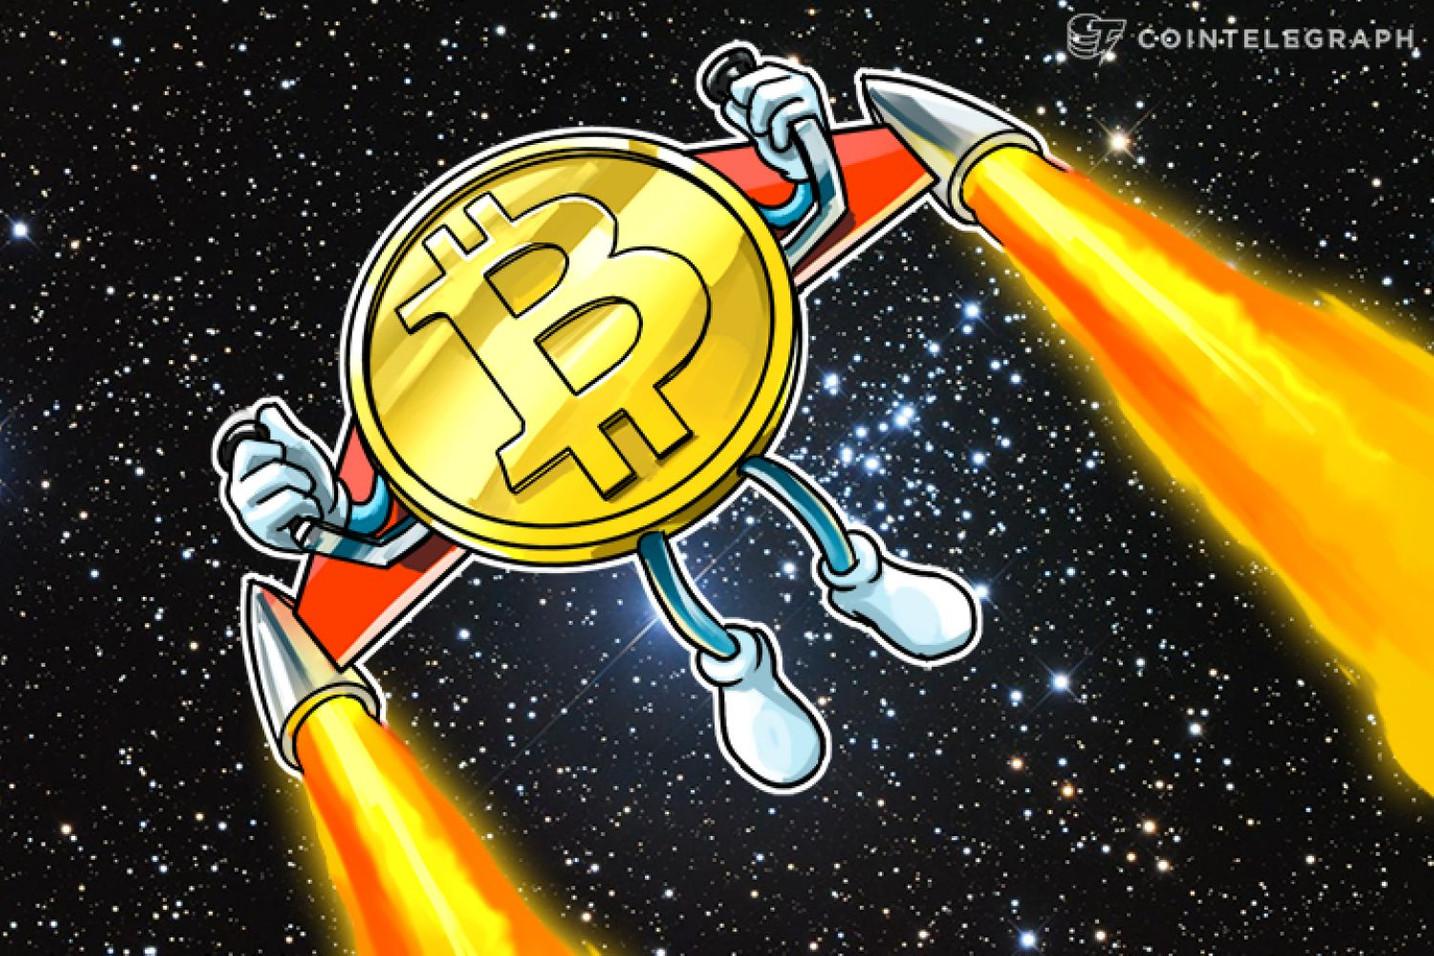 El precio de Bitcoin podría subir hasta 9.000 dólares antes de un colapso masivo y aquí está el porqué